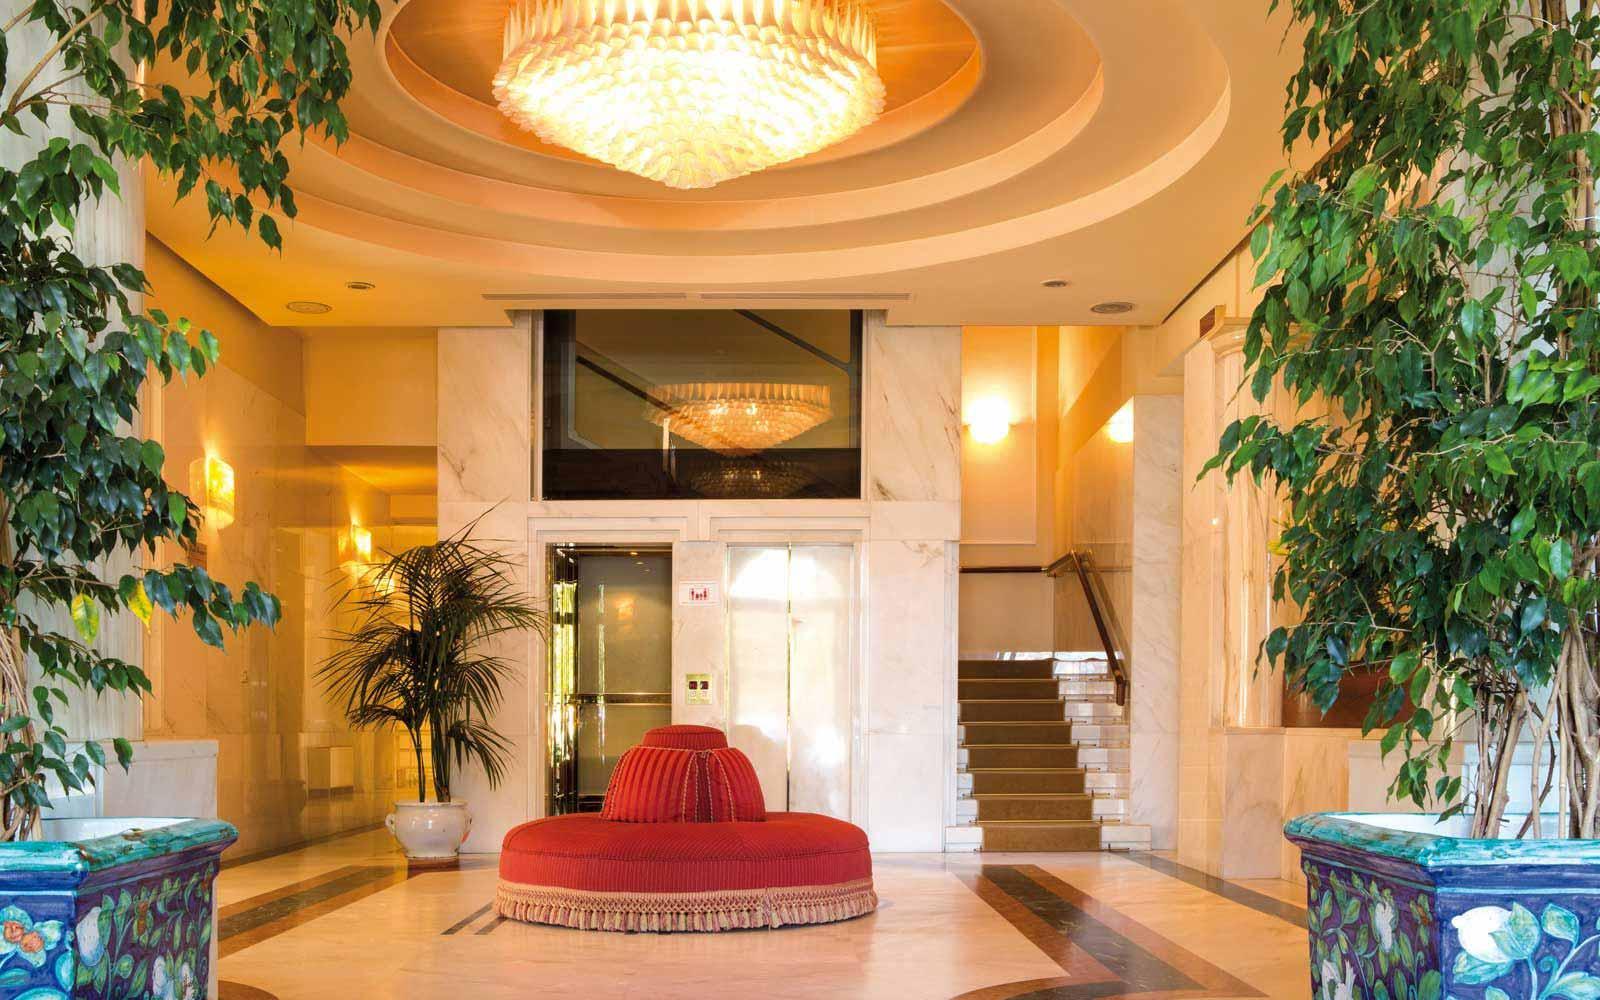 Reception at the Hotel Plaza e de Russie